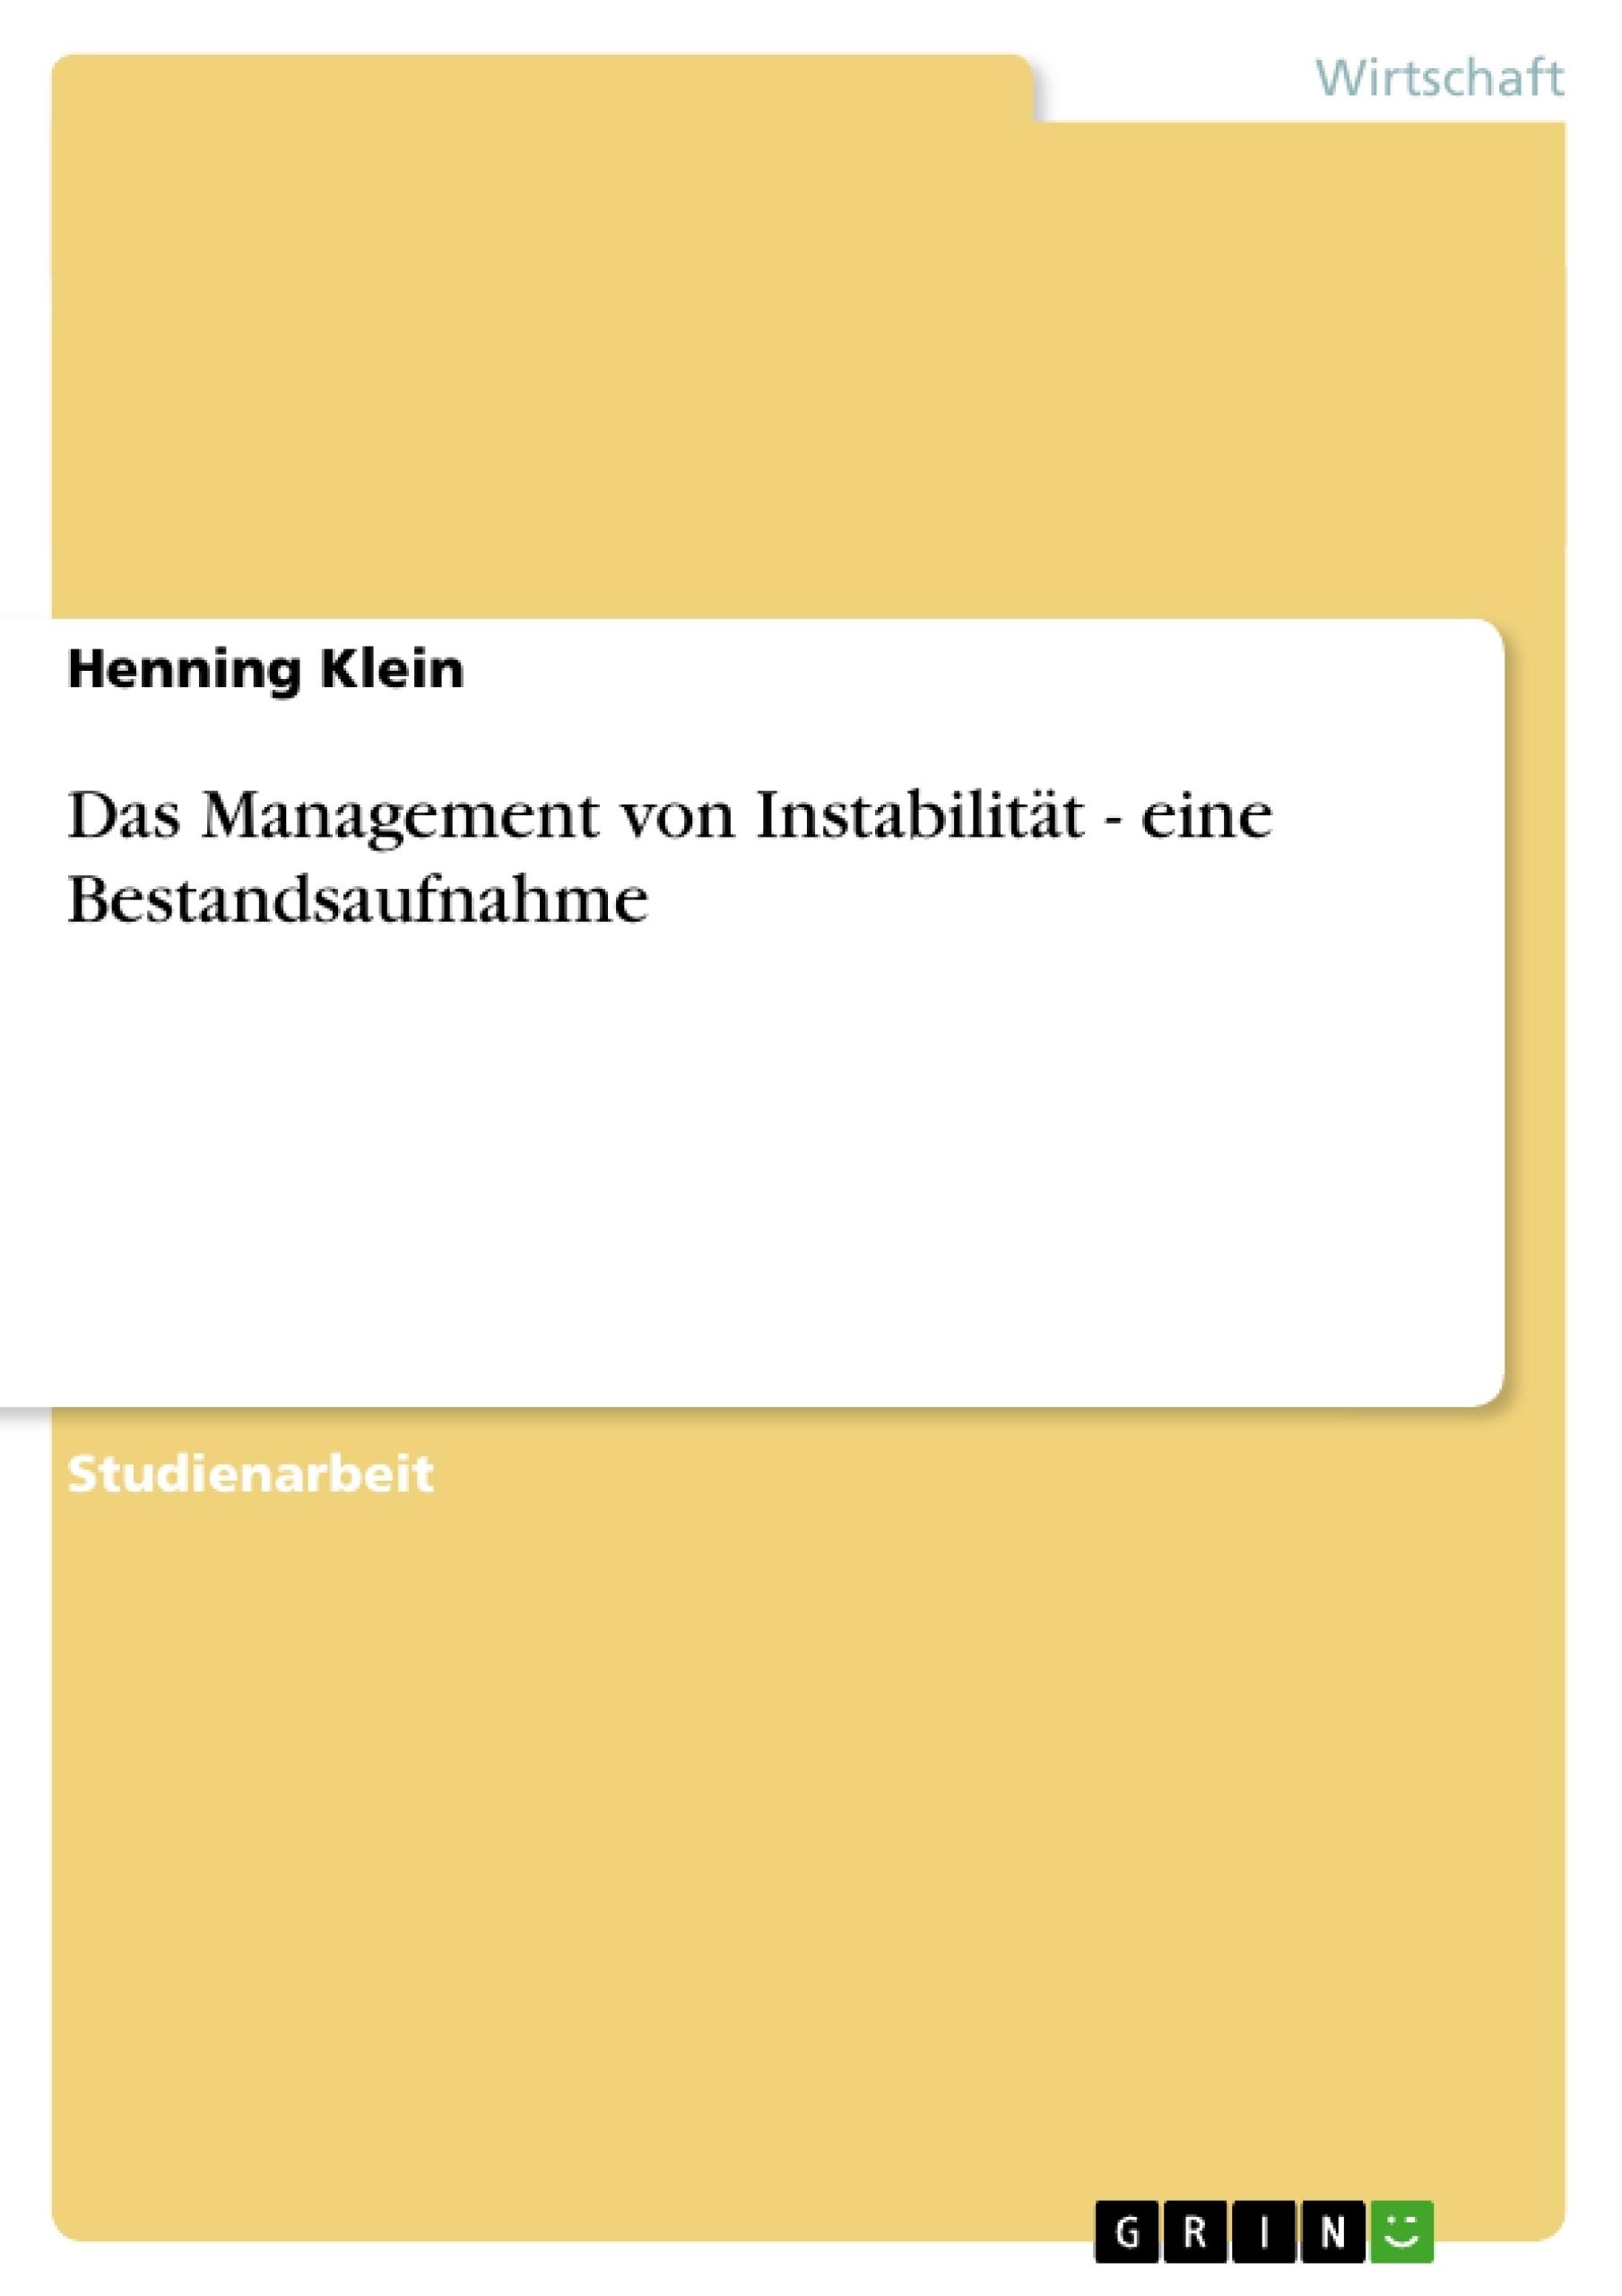 Titel: Das Management von Instabilität - eine Bestandsaufnahme